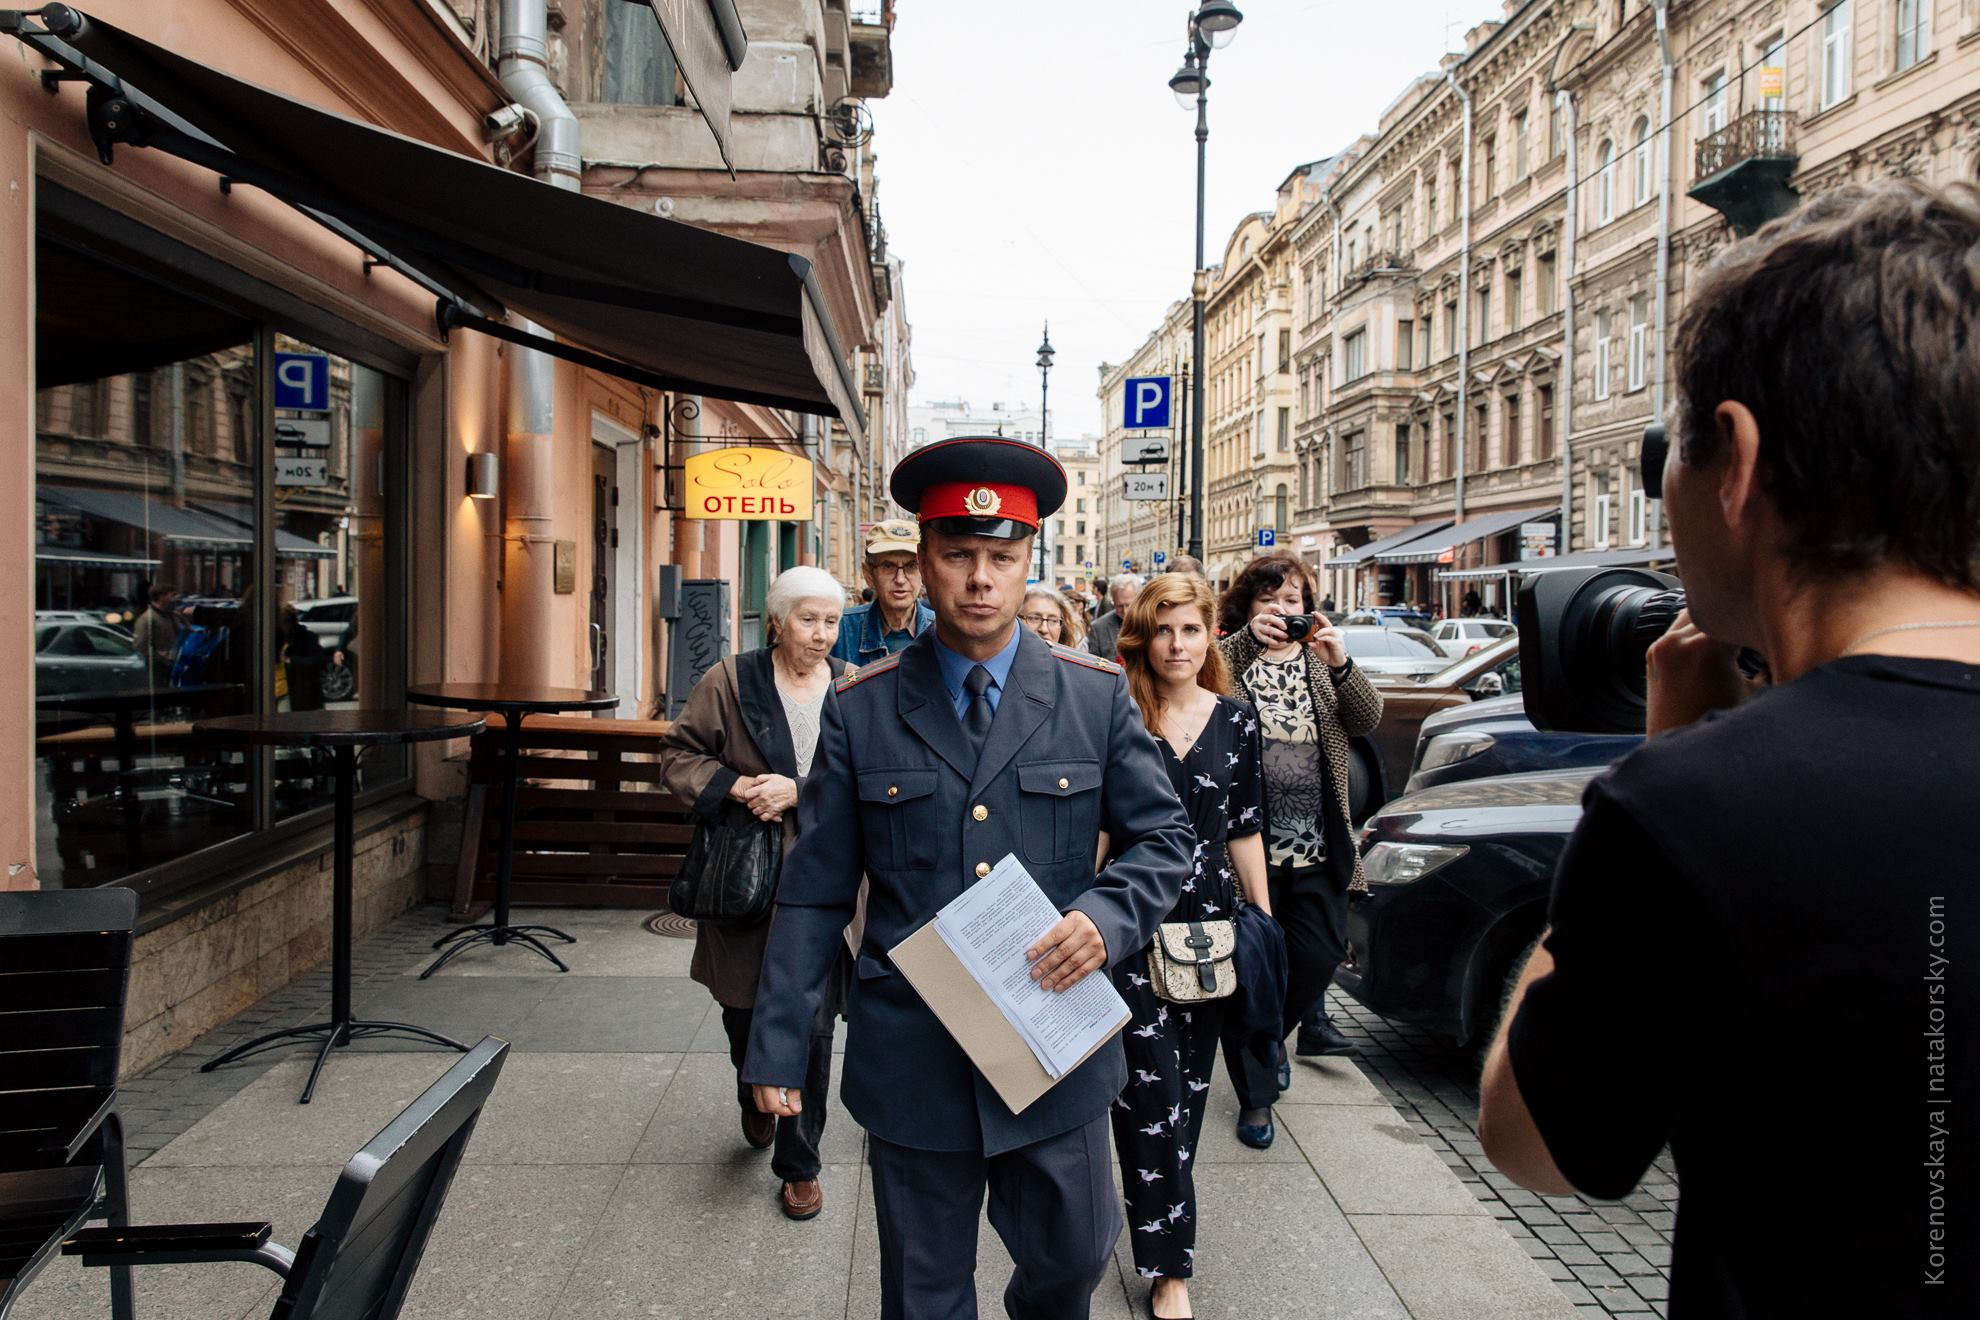 В Петербурге разыграют билеты на спектакль о Довлатове. Во время представления зрителей поведут по барам на Рубинштейна